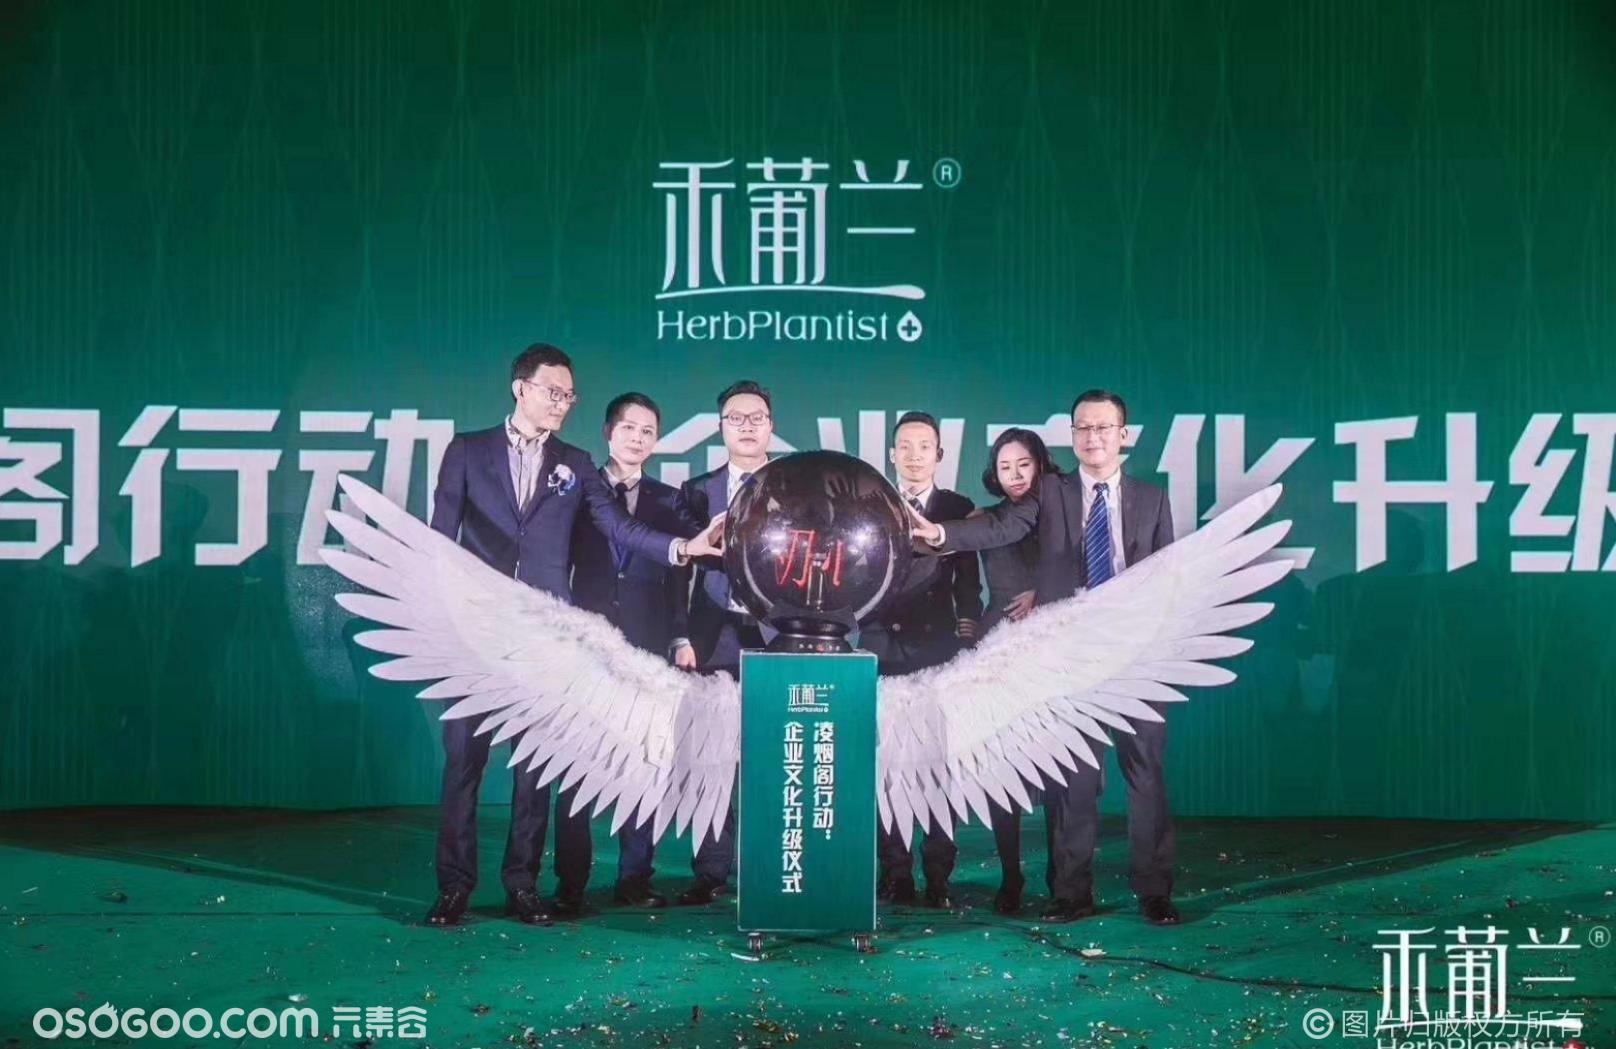 舞台启动道具租赁 天使翅膀启动球